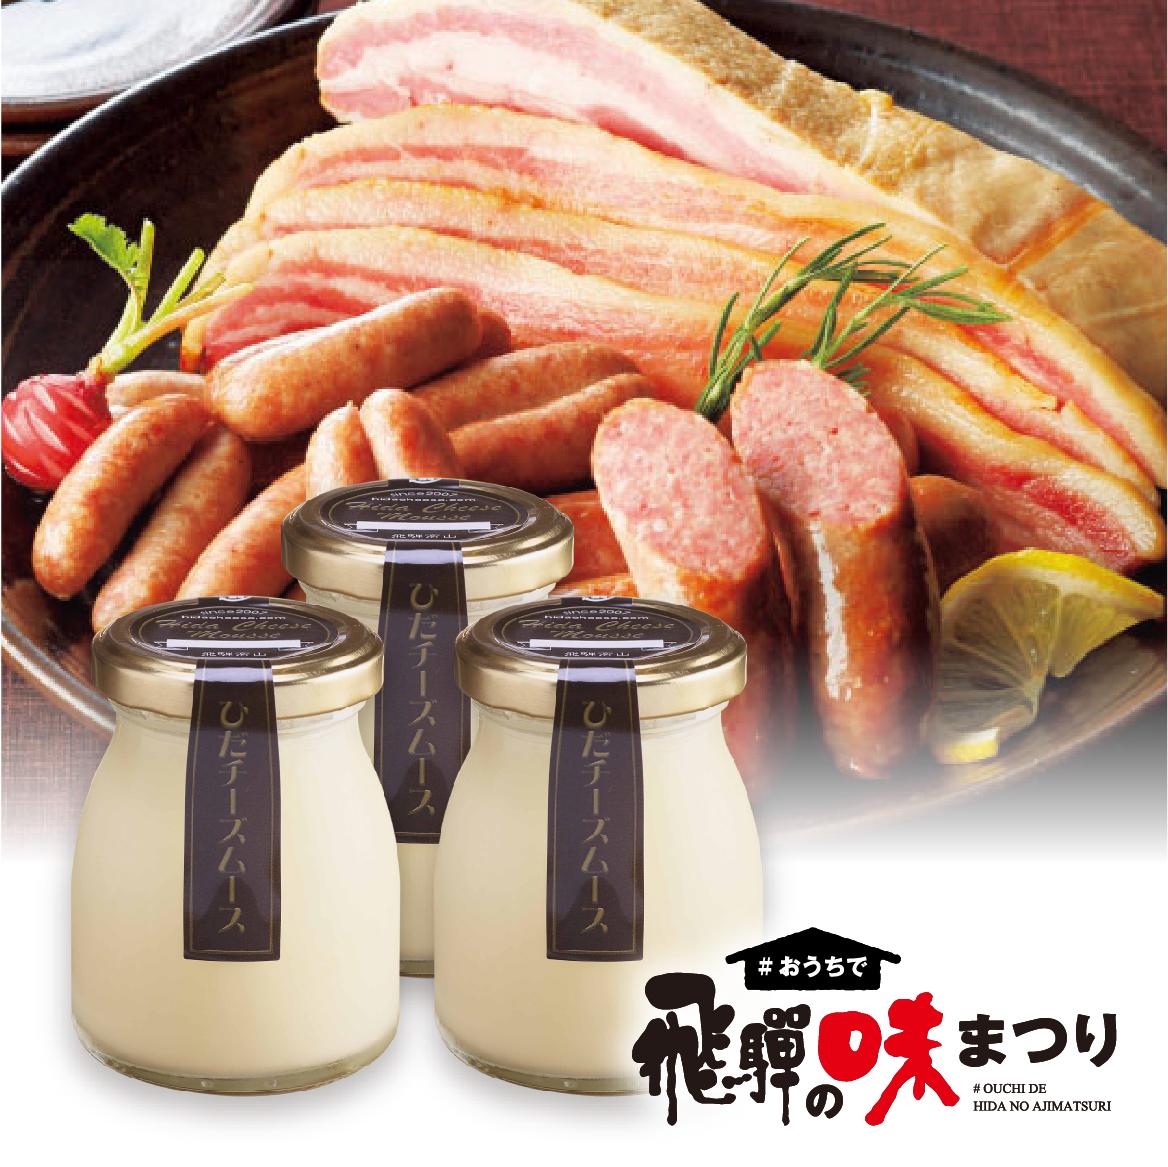 飛騨高原ハム&飛騨チーズ工房の商品画像